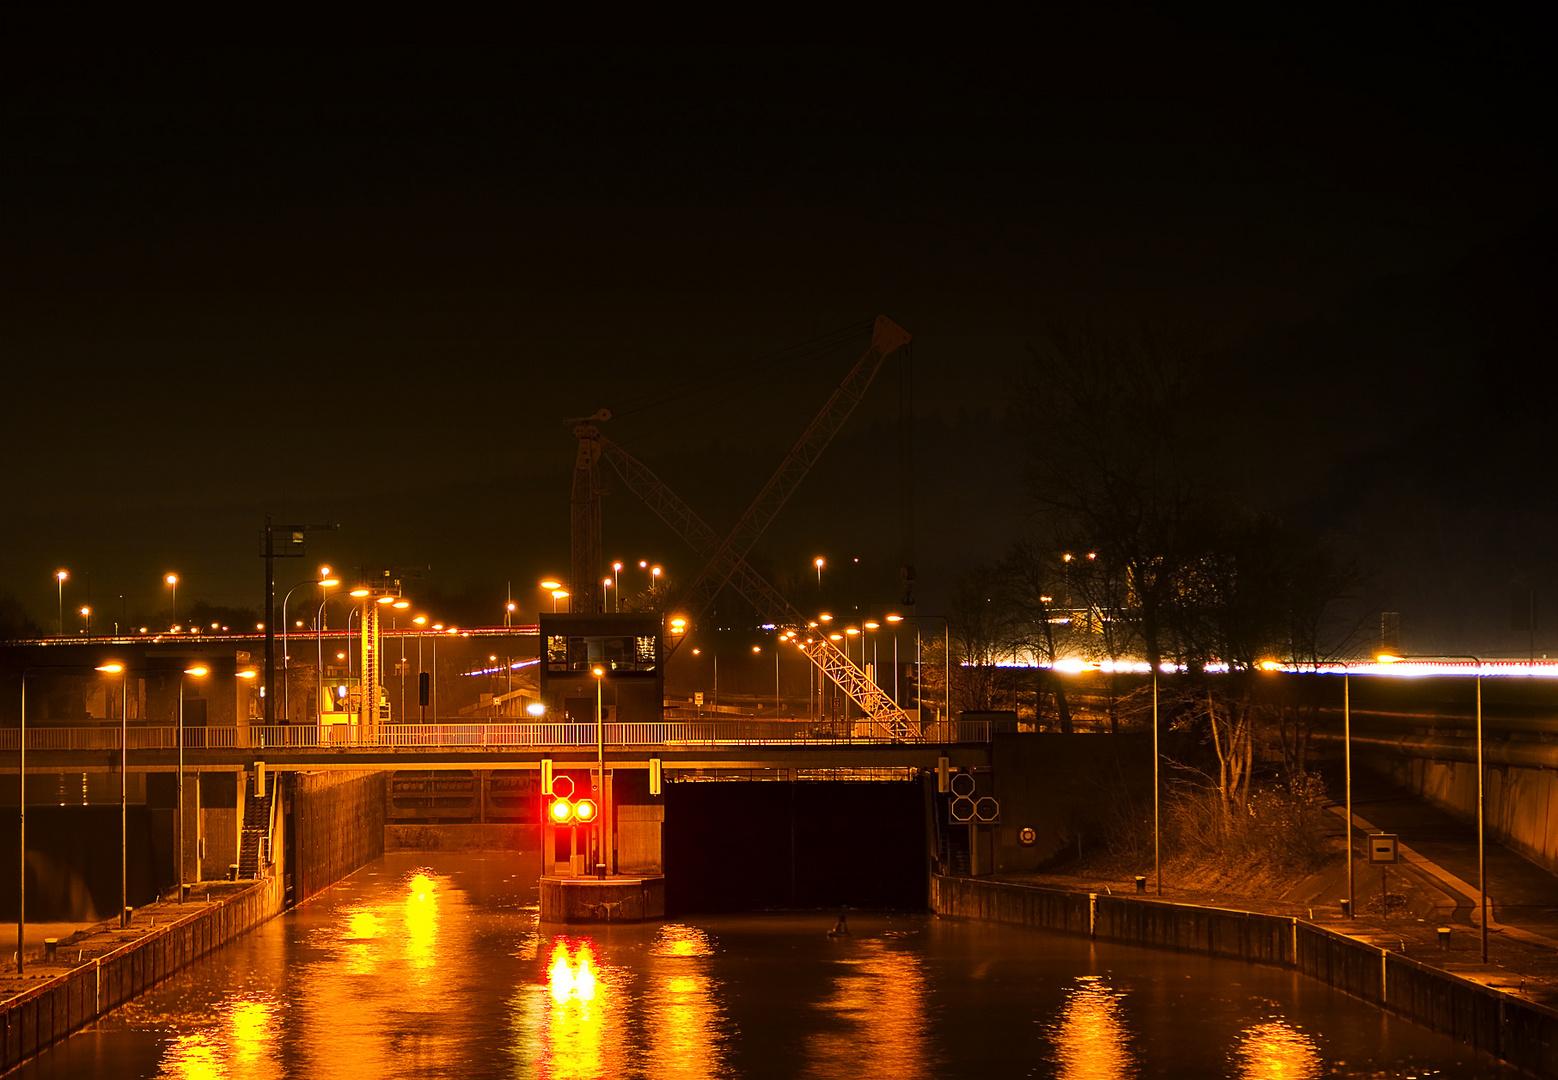 Schleuse in Esslingen am Neckar bei Nacht